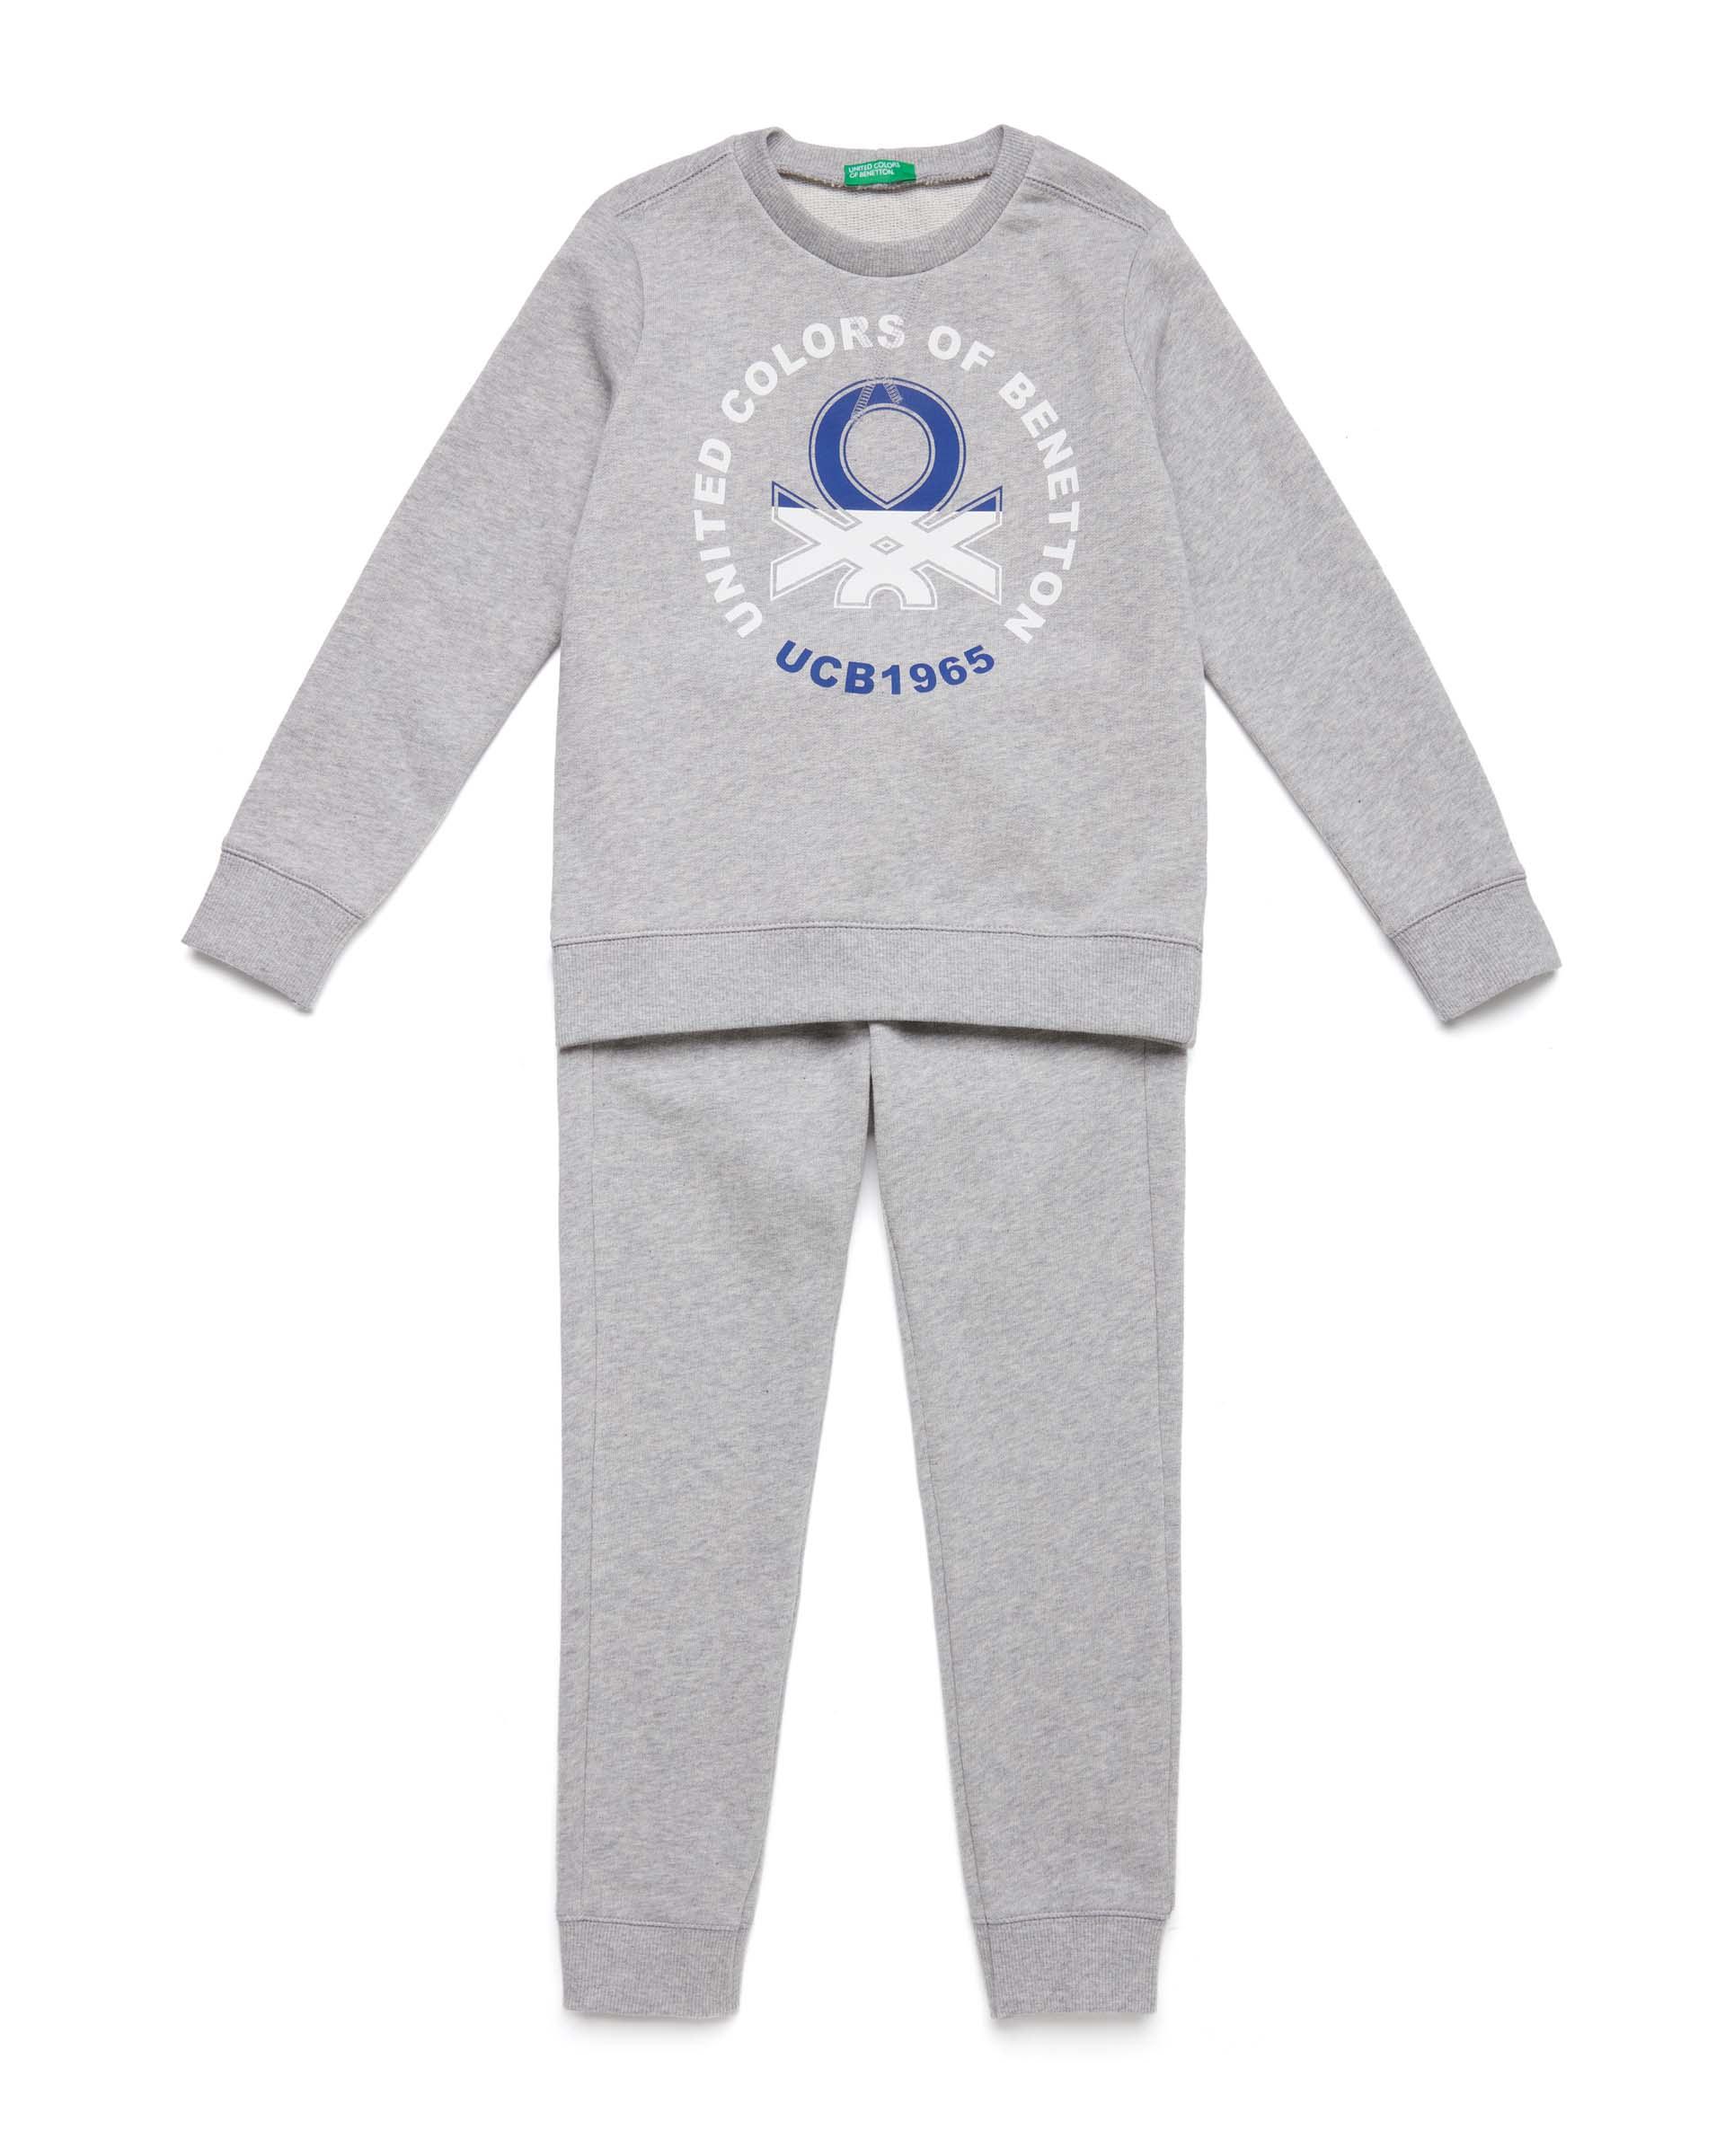 Купить 20P_3J68Z11PI_501, Спортивный костюм для мальчиков Benetton 3J68Z11PI_501 р-р 92, United Colors of Benetton, Спортивные костюмы для мальчиков